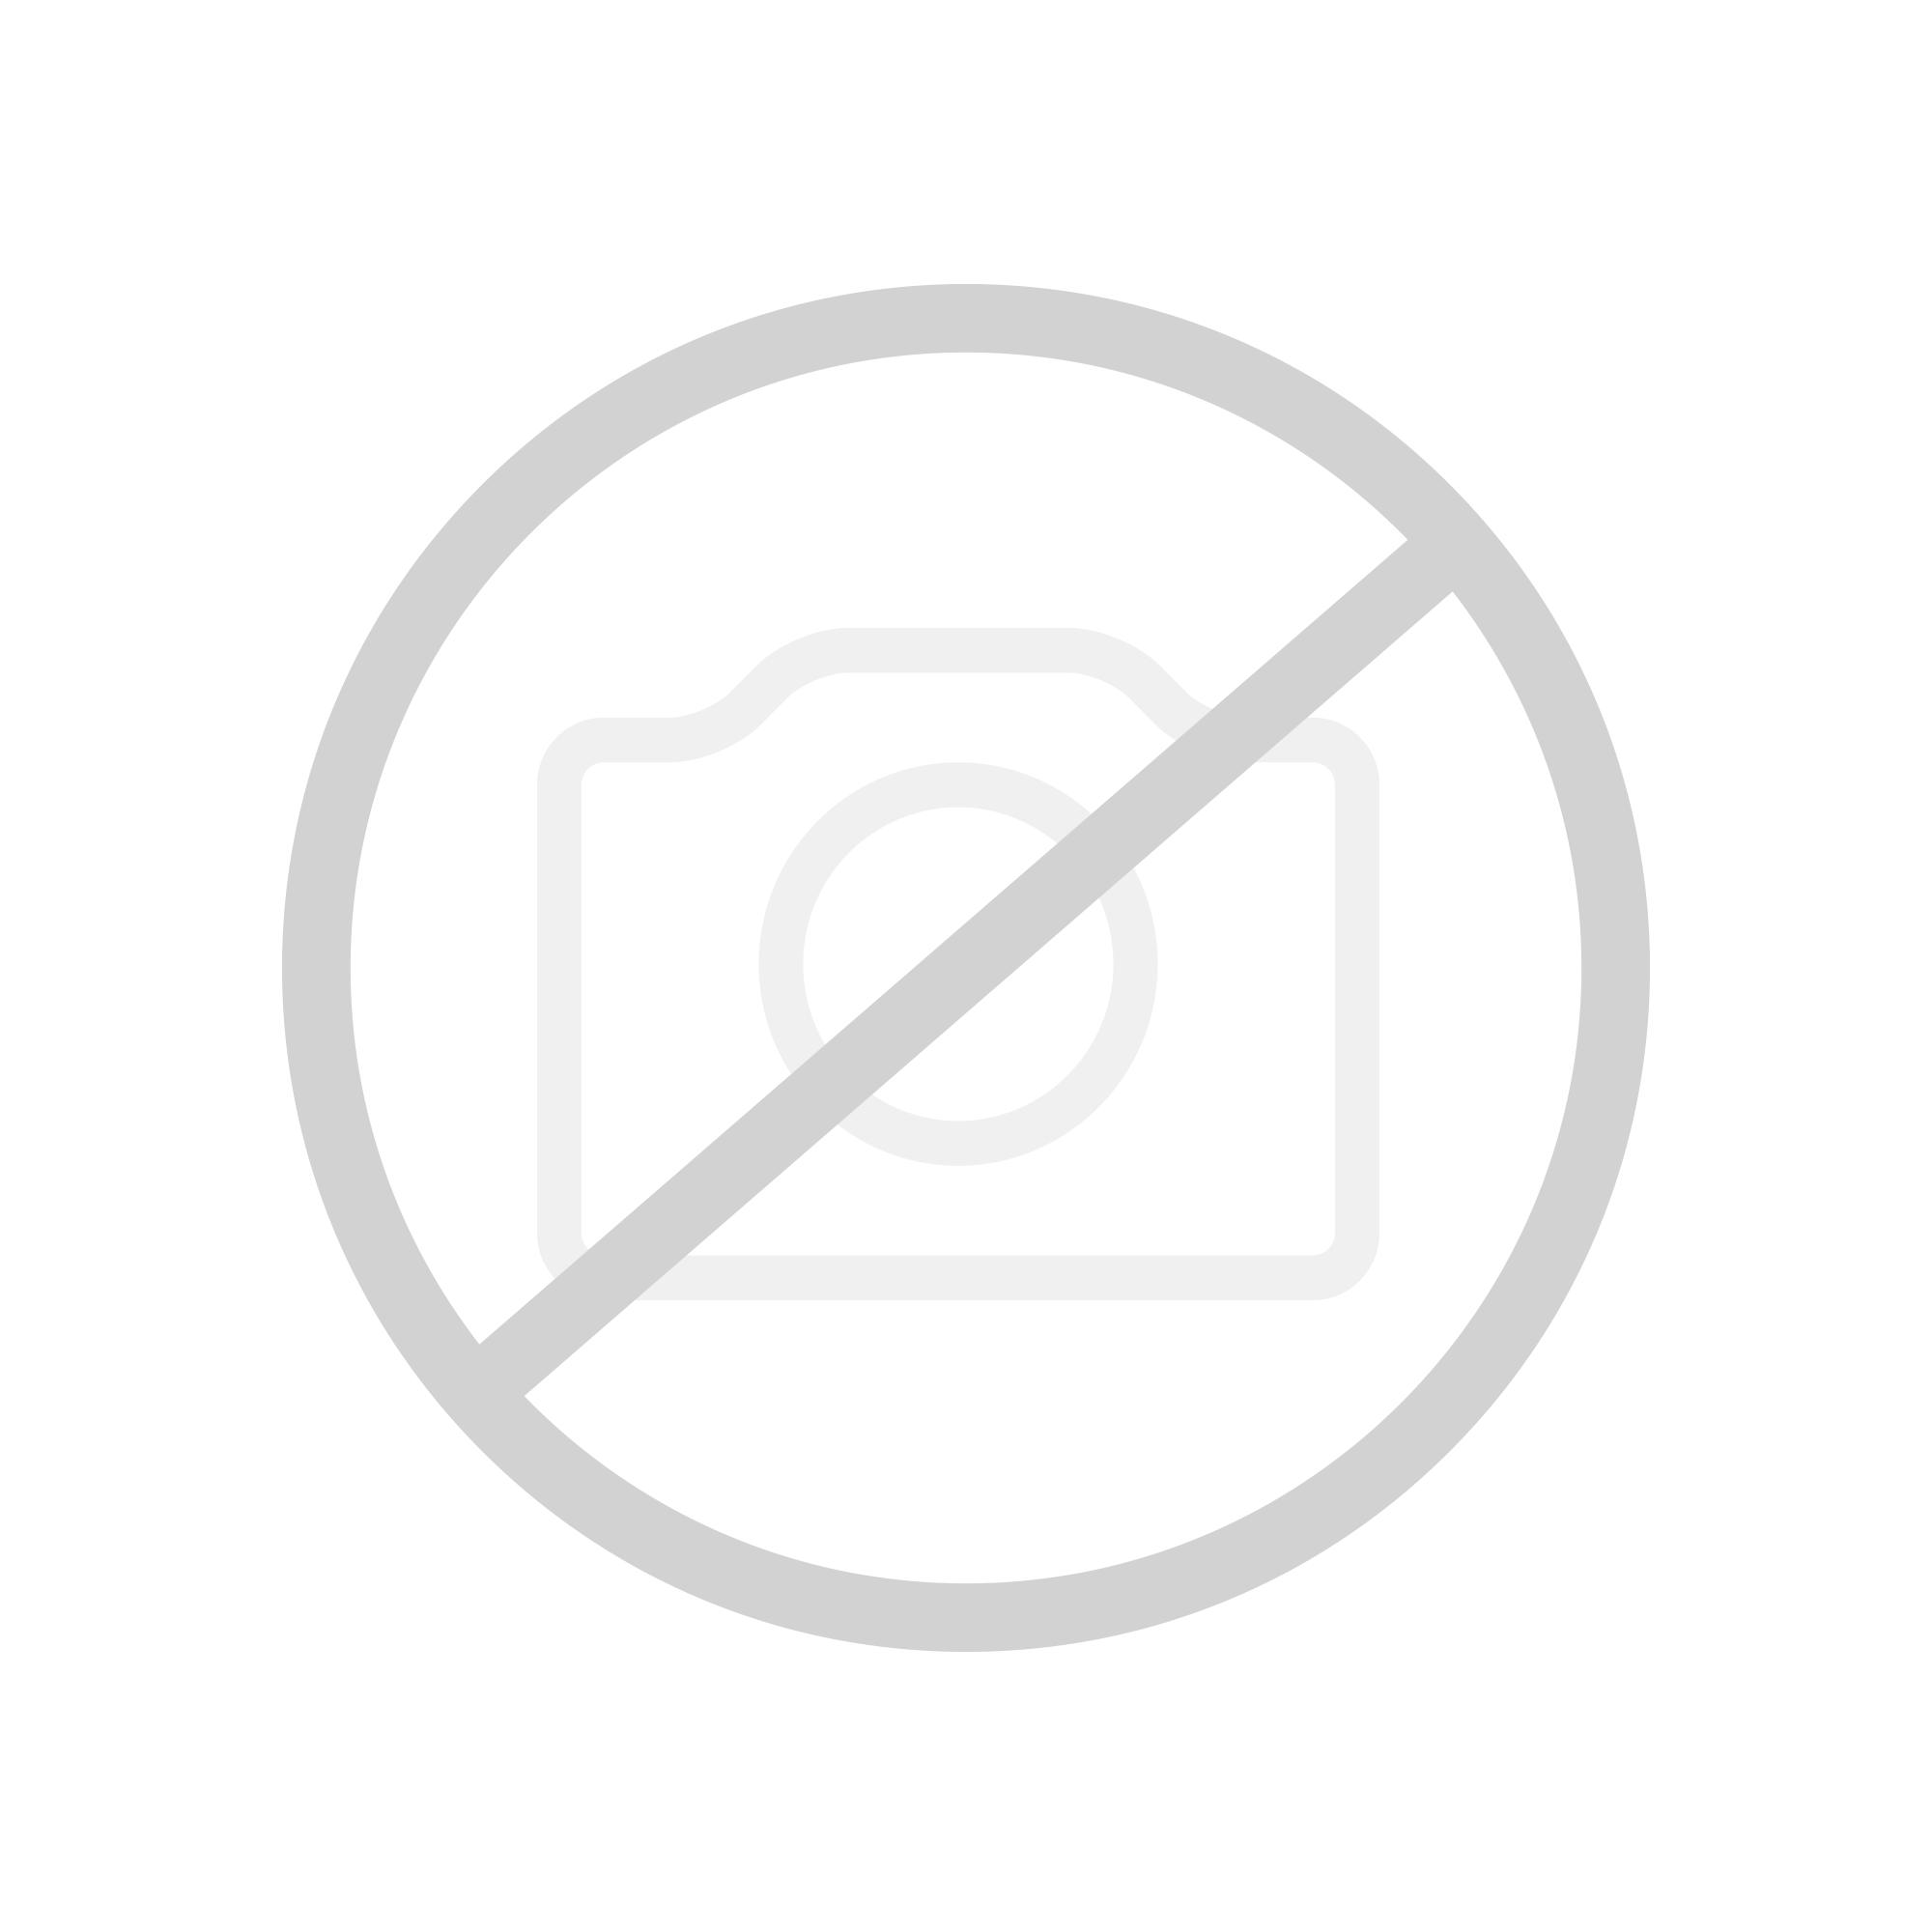 bert plantagie crac stuhl mit eckigen beinen crac ld1800 beineeckig reuter onlineshop. Black Bedroom Furniture Sets. Home Design Ideas